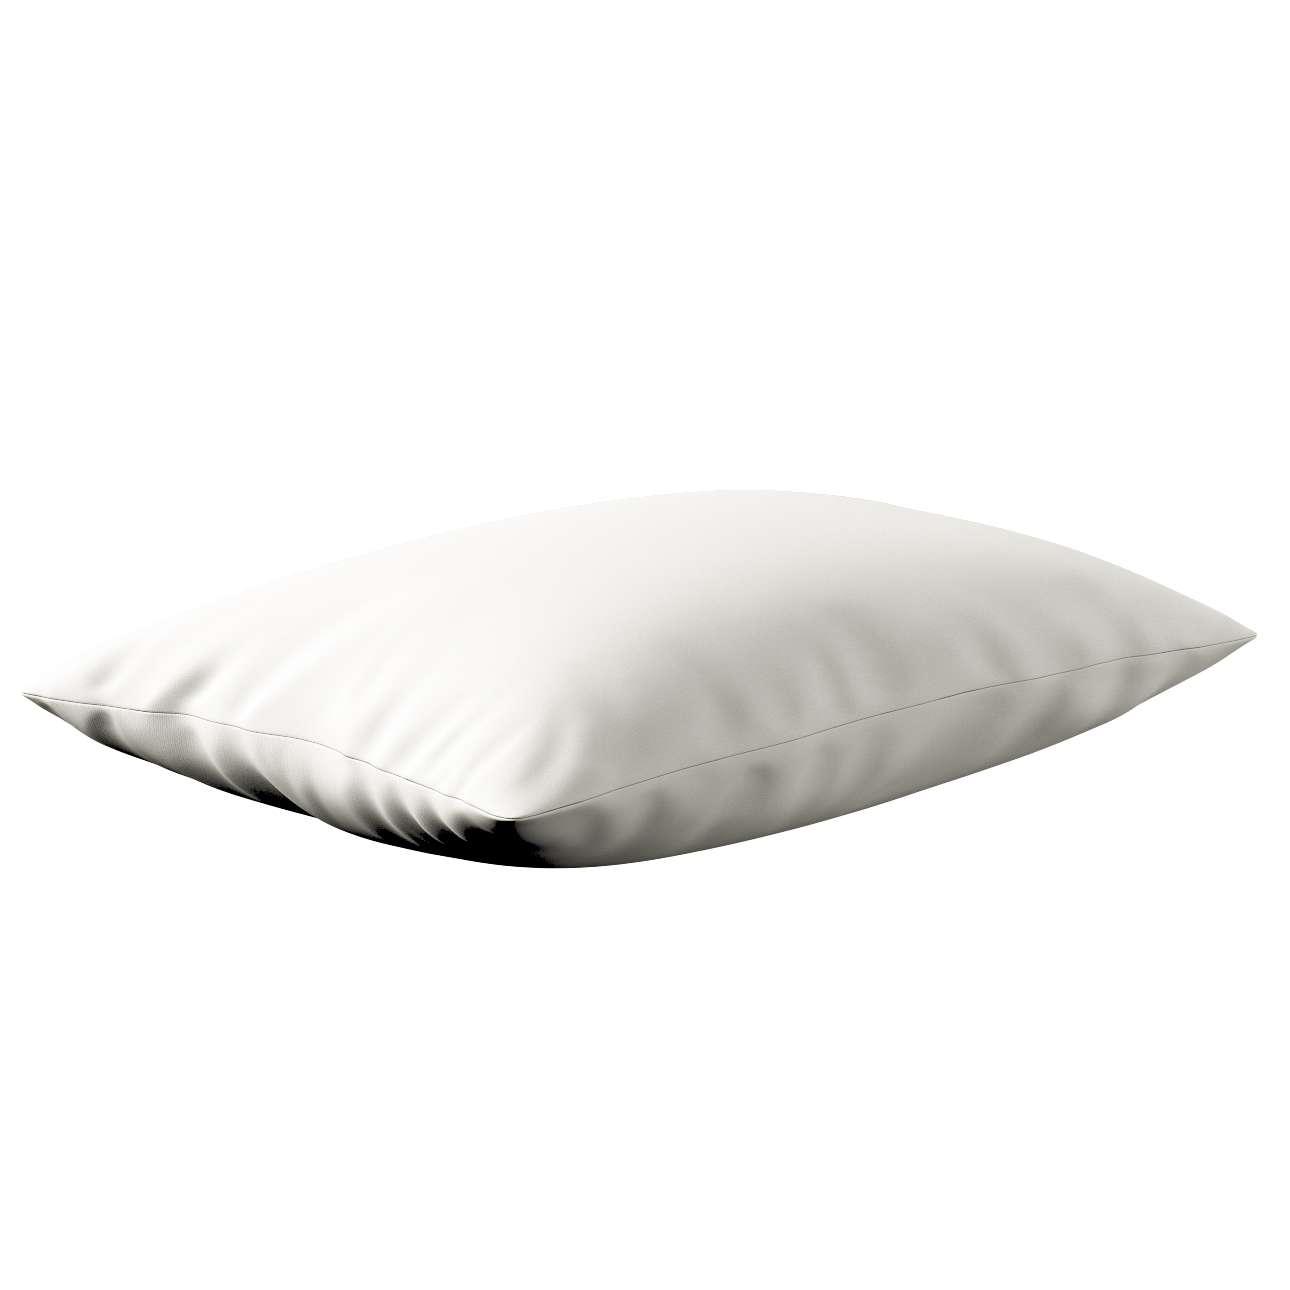 Kinga - potah na polštář jednoduchý obdélníkový v kolekci Cotton Panama, látka: 702-34